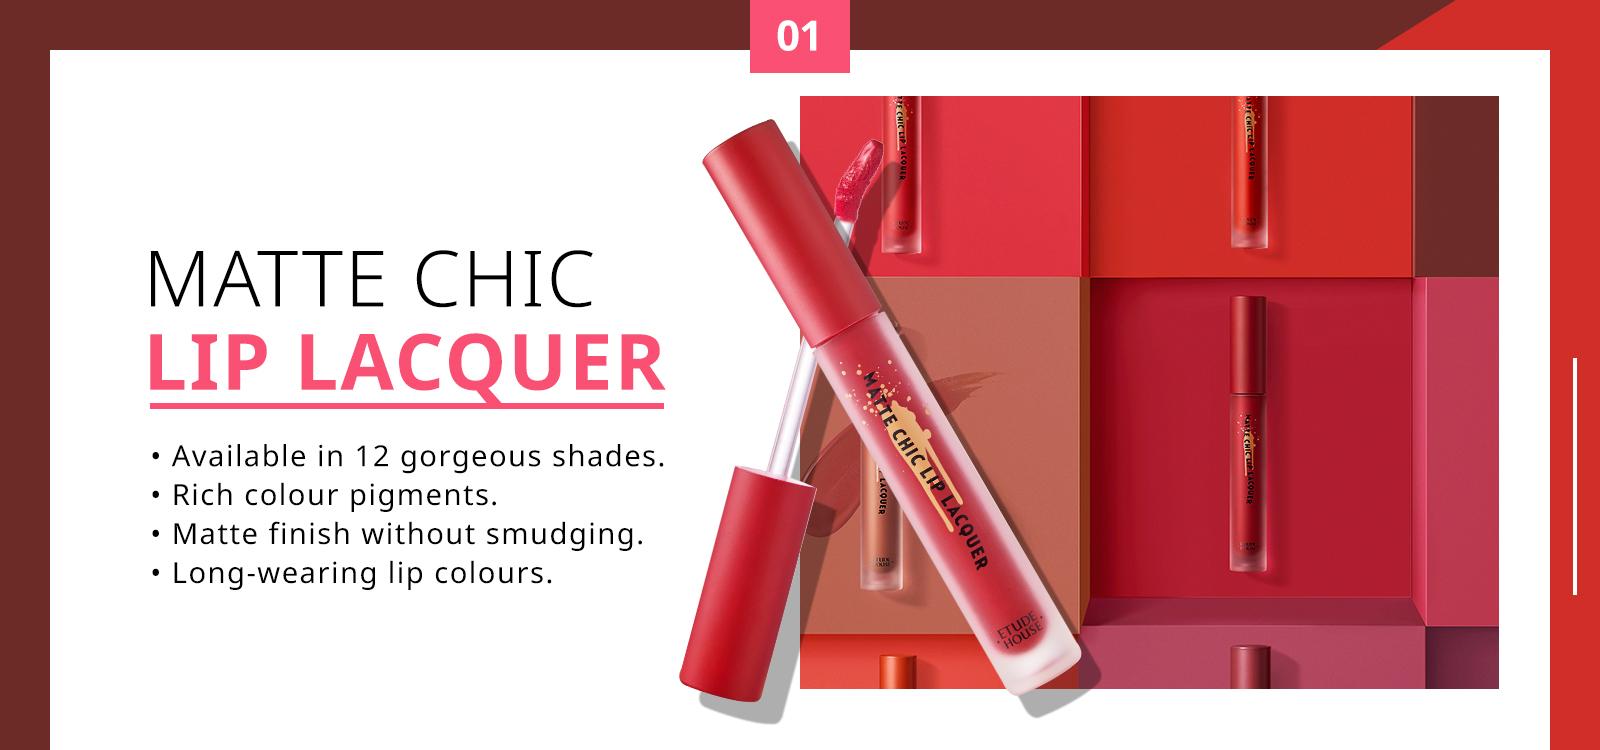 July 2018: Etude House Matte Chip Lip Lacquer